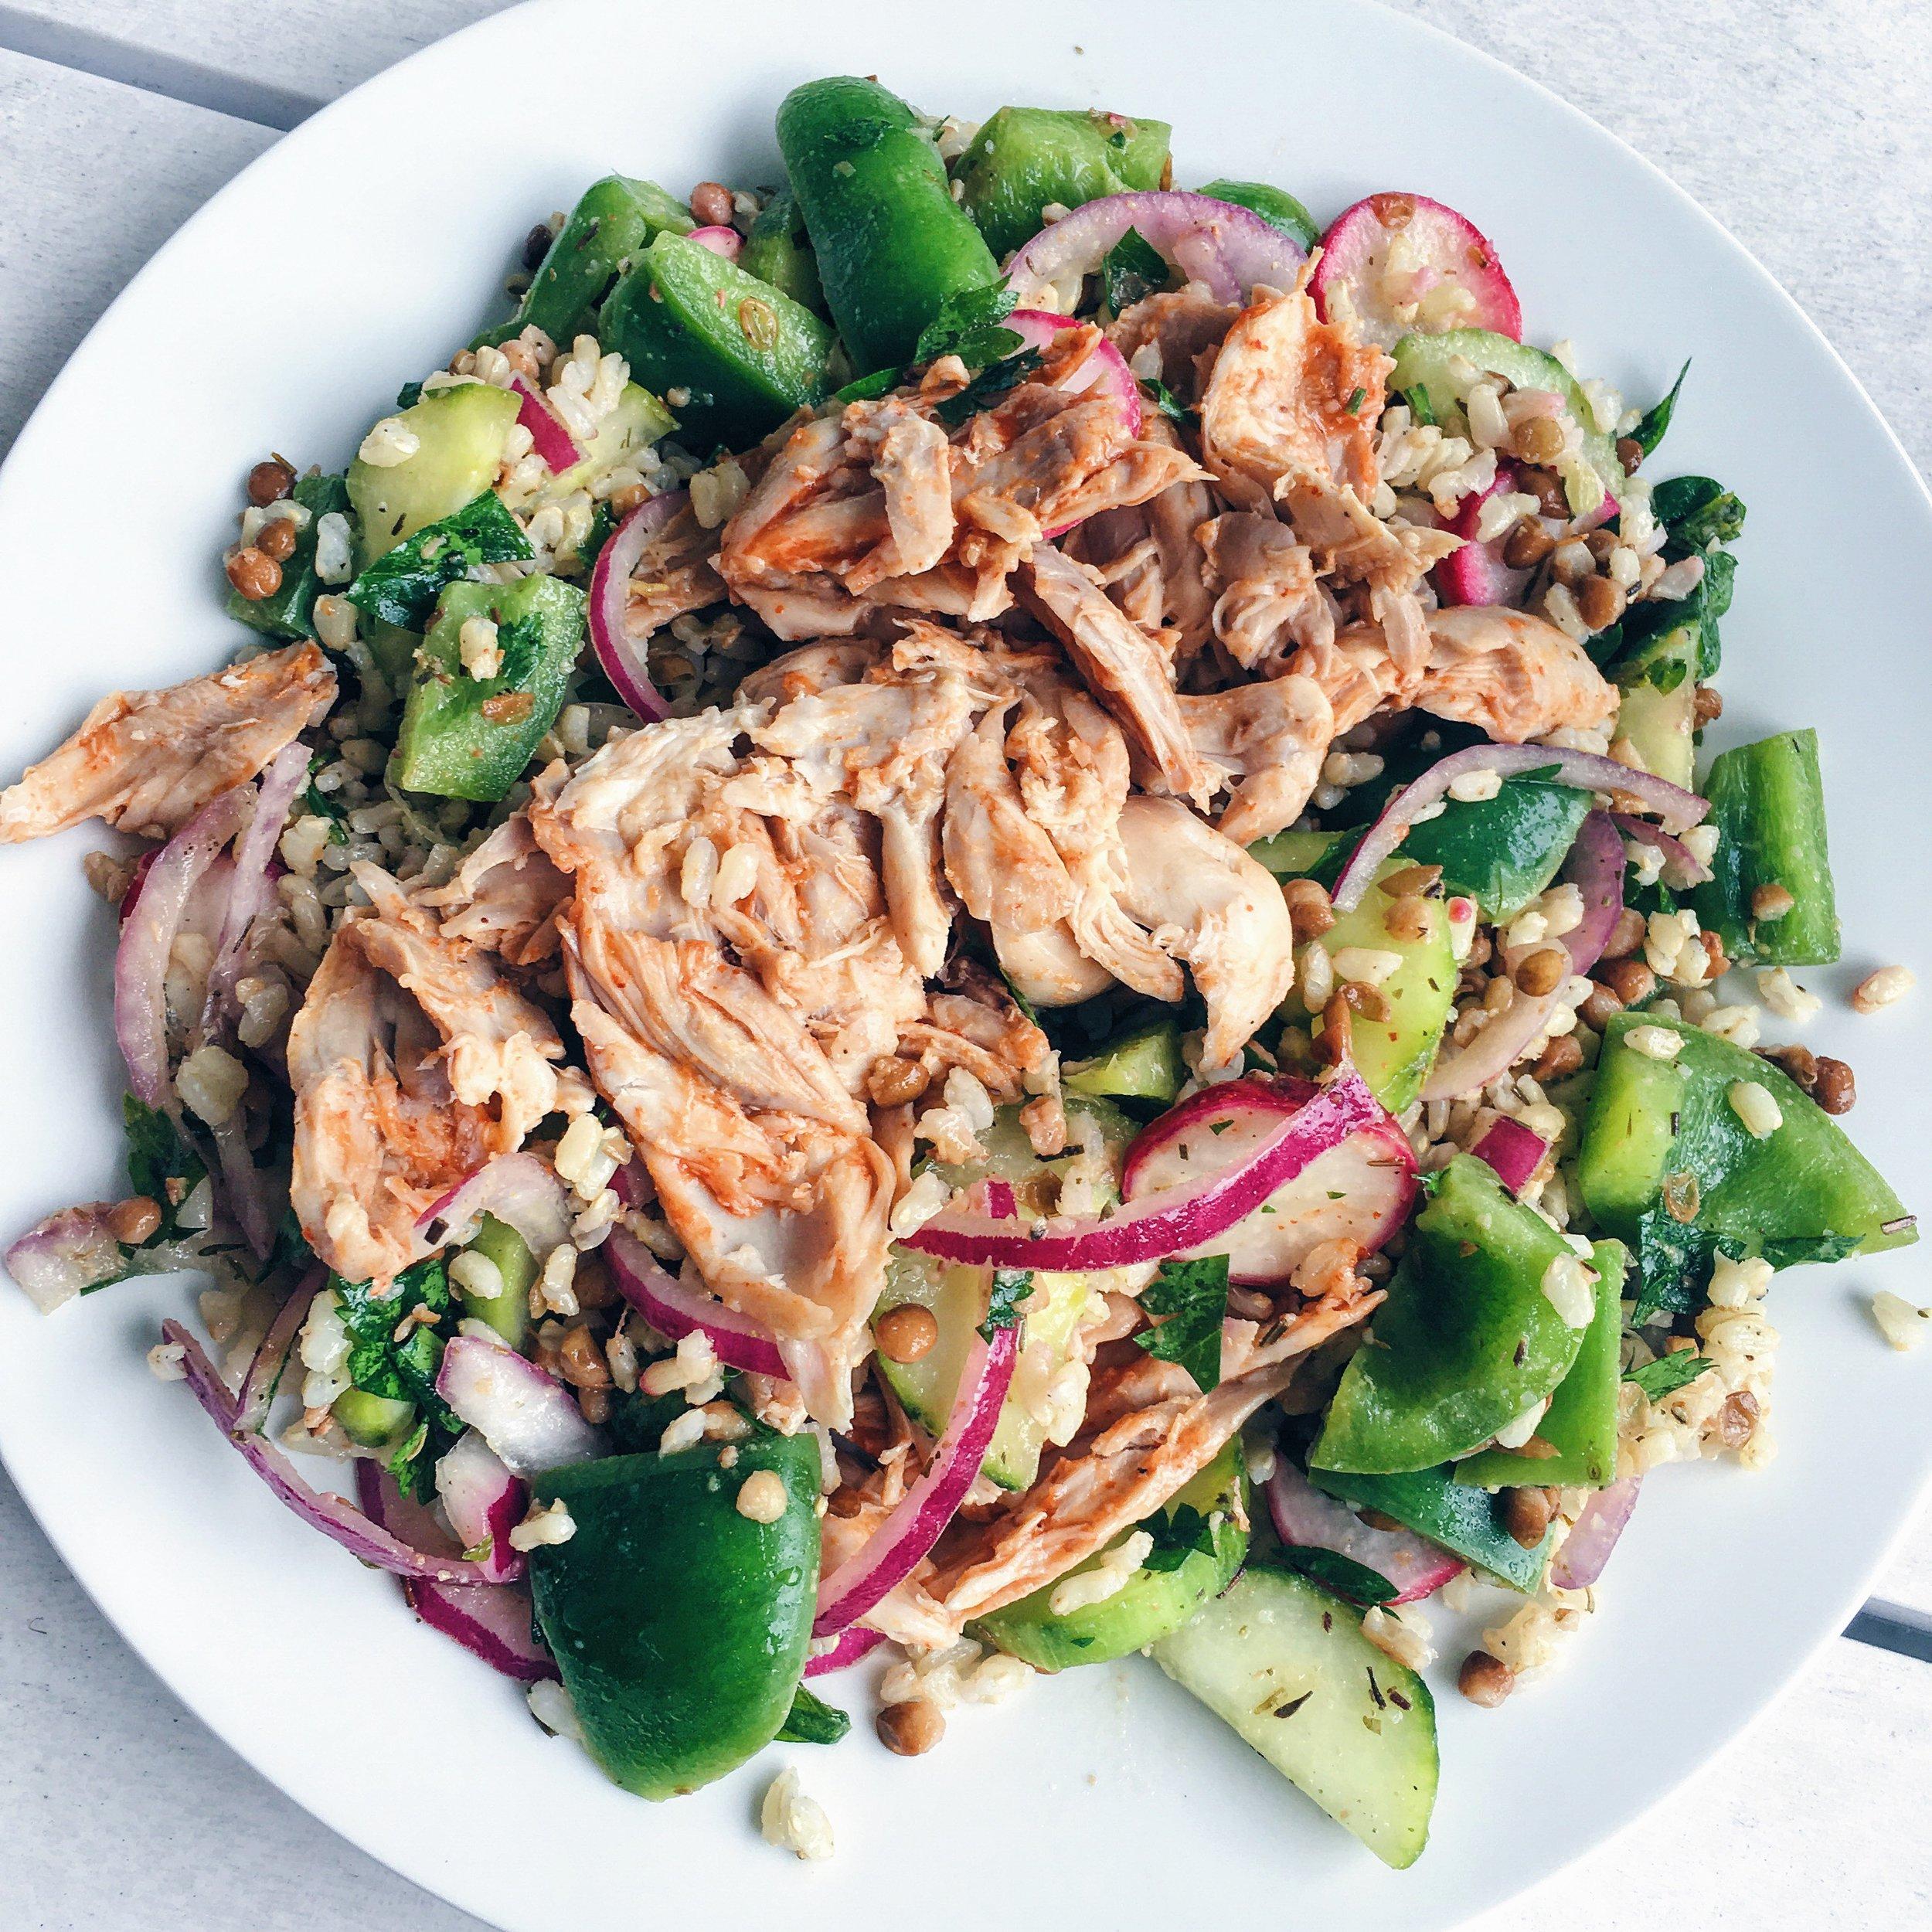 Crunchy-Siracha-Chicken-Salad2.jpg